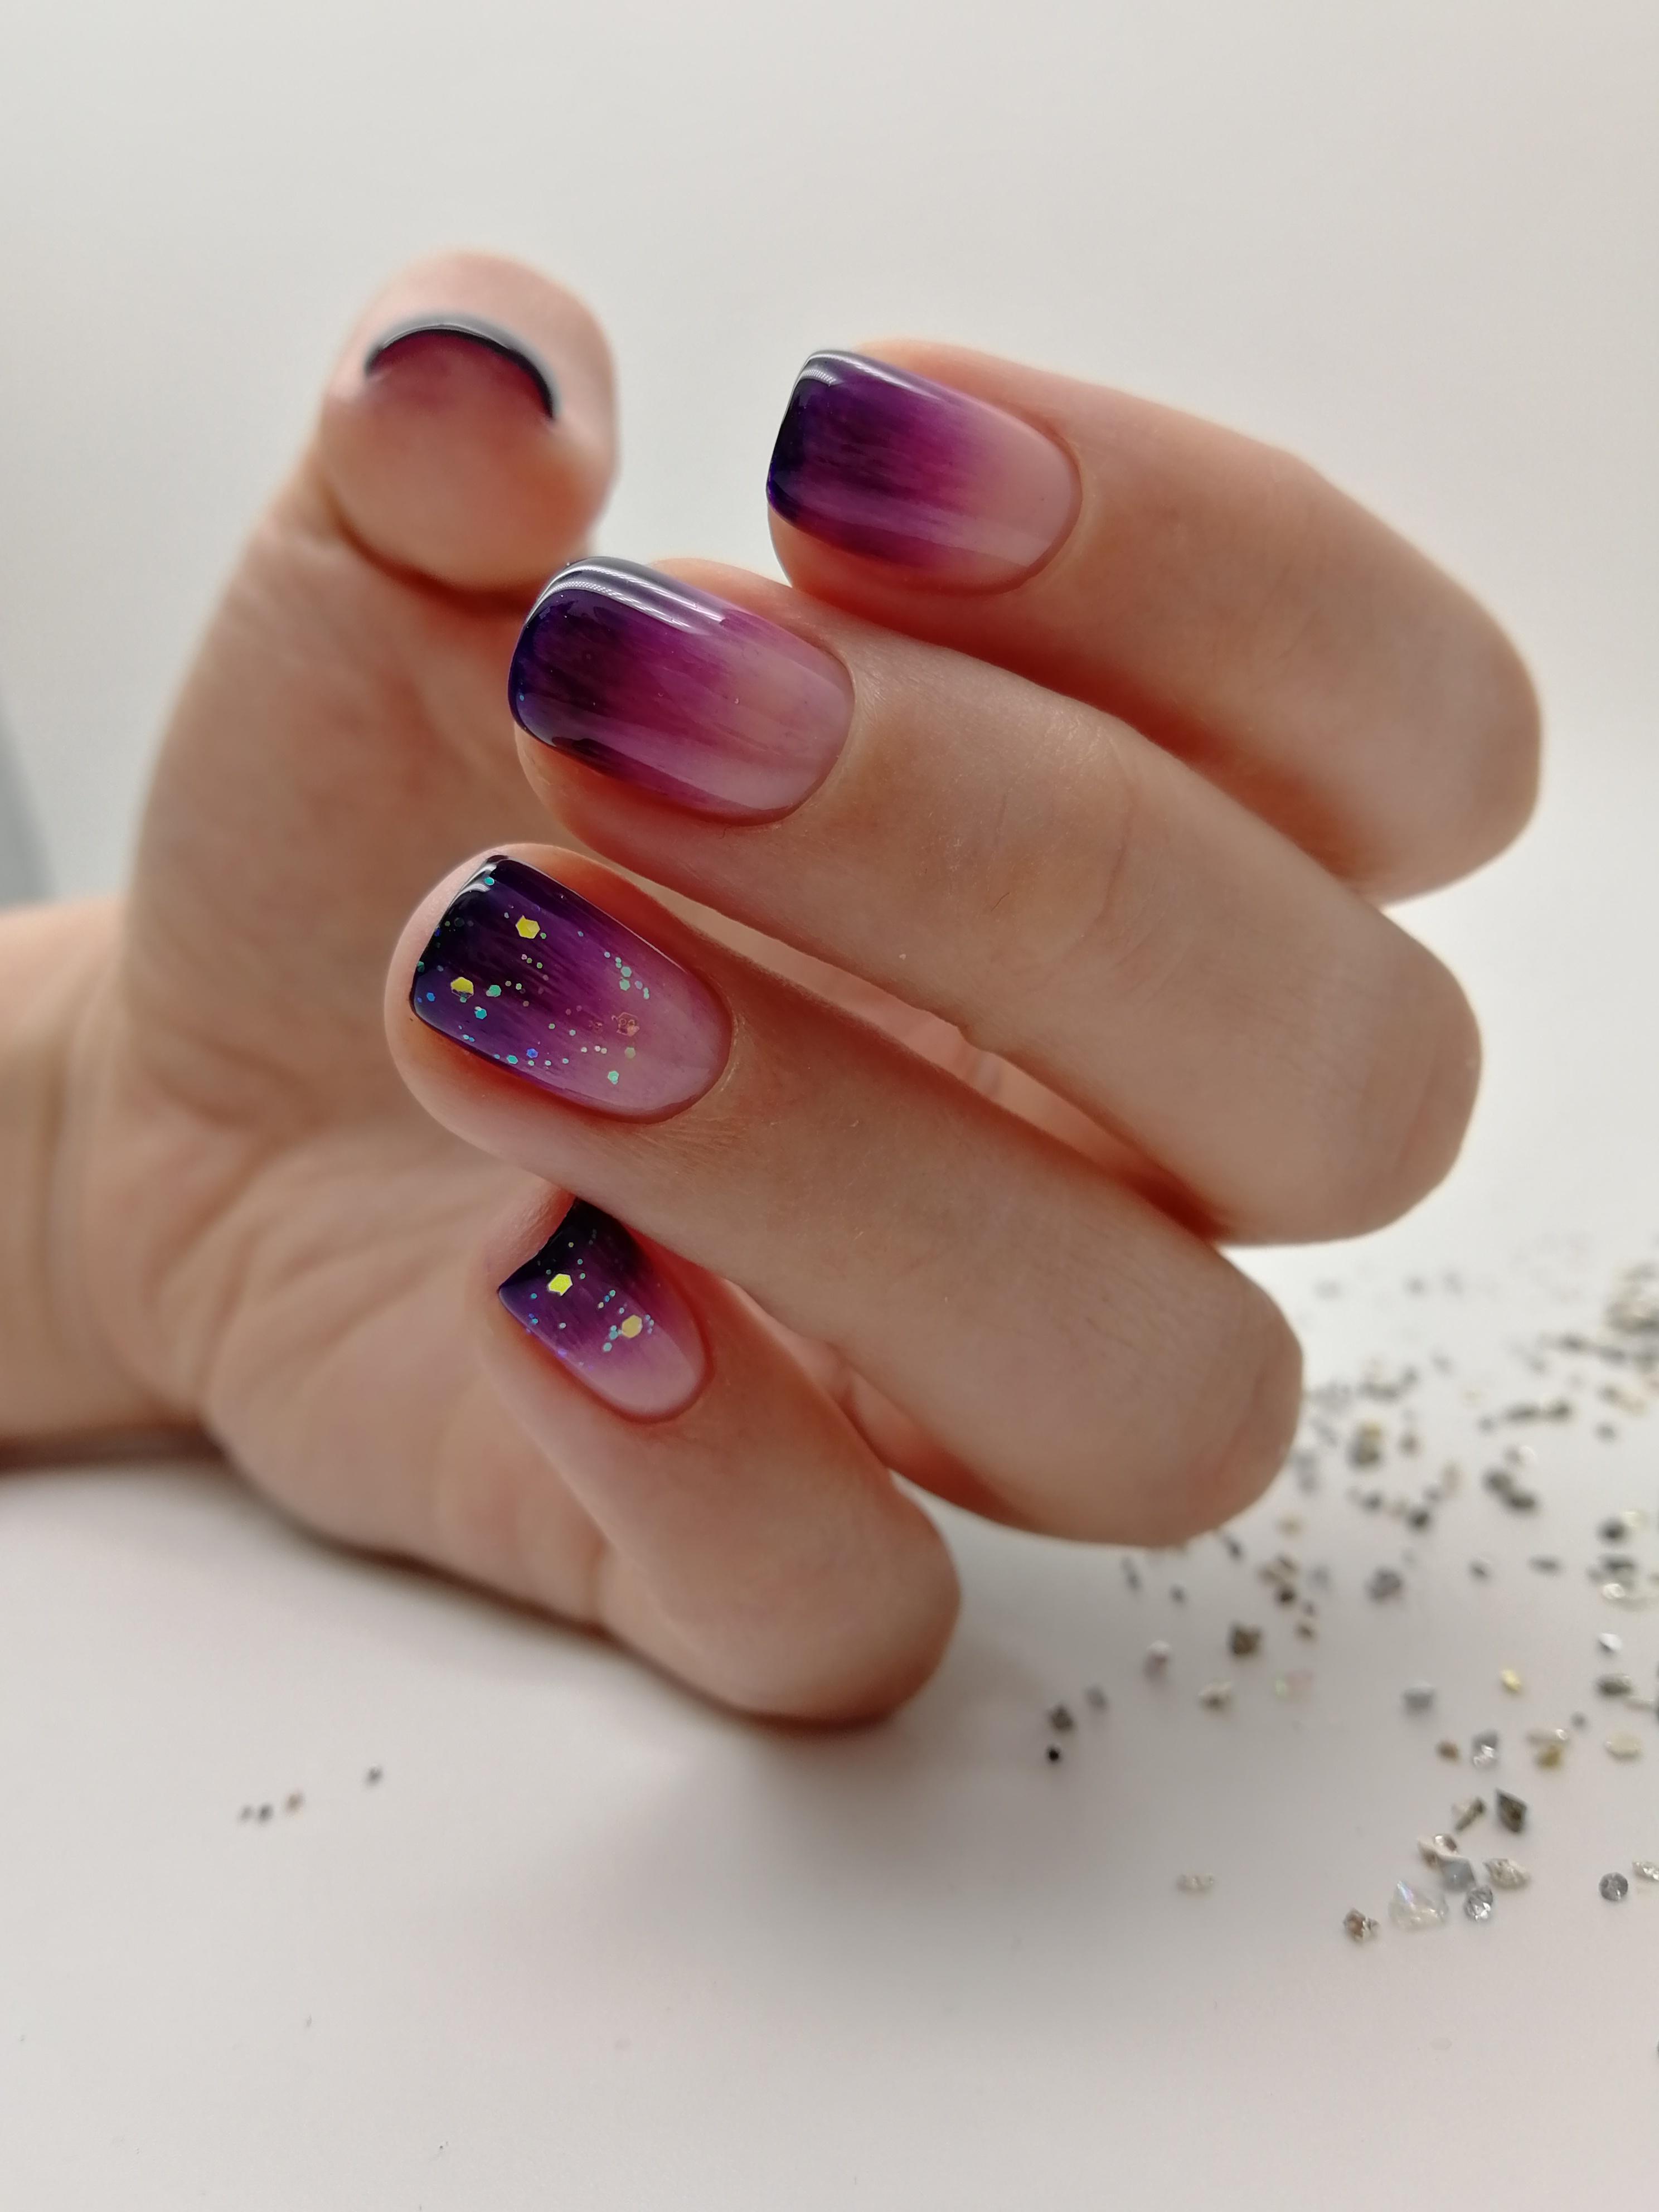 Нюдовый маникюр с фиолетовым градиентом и цветными камифубуки.